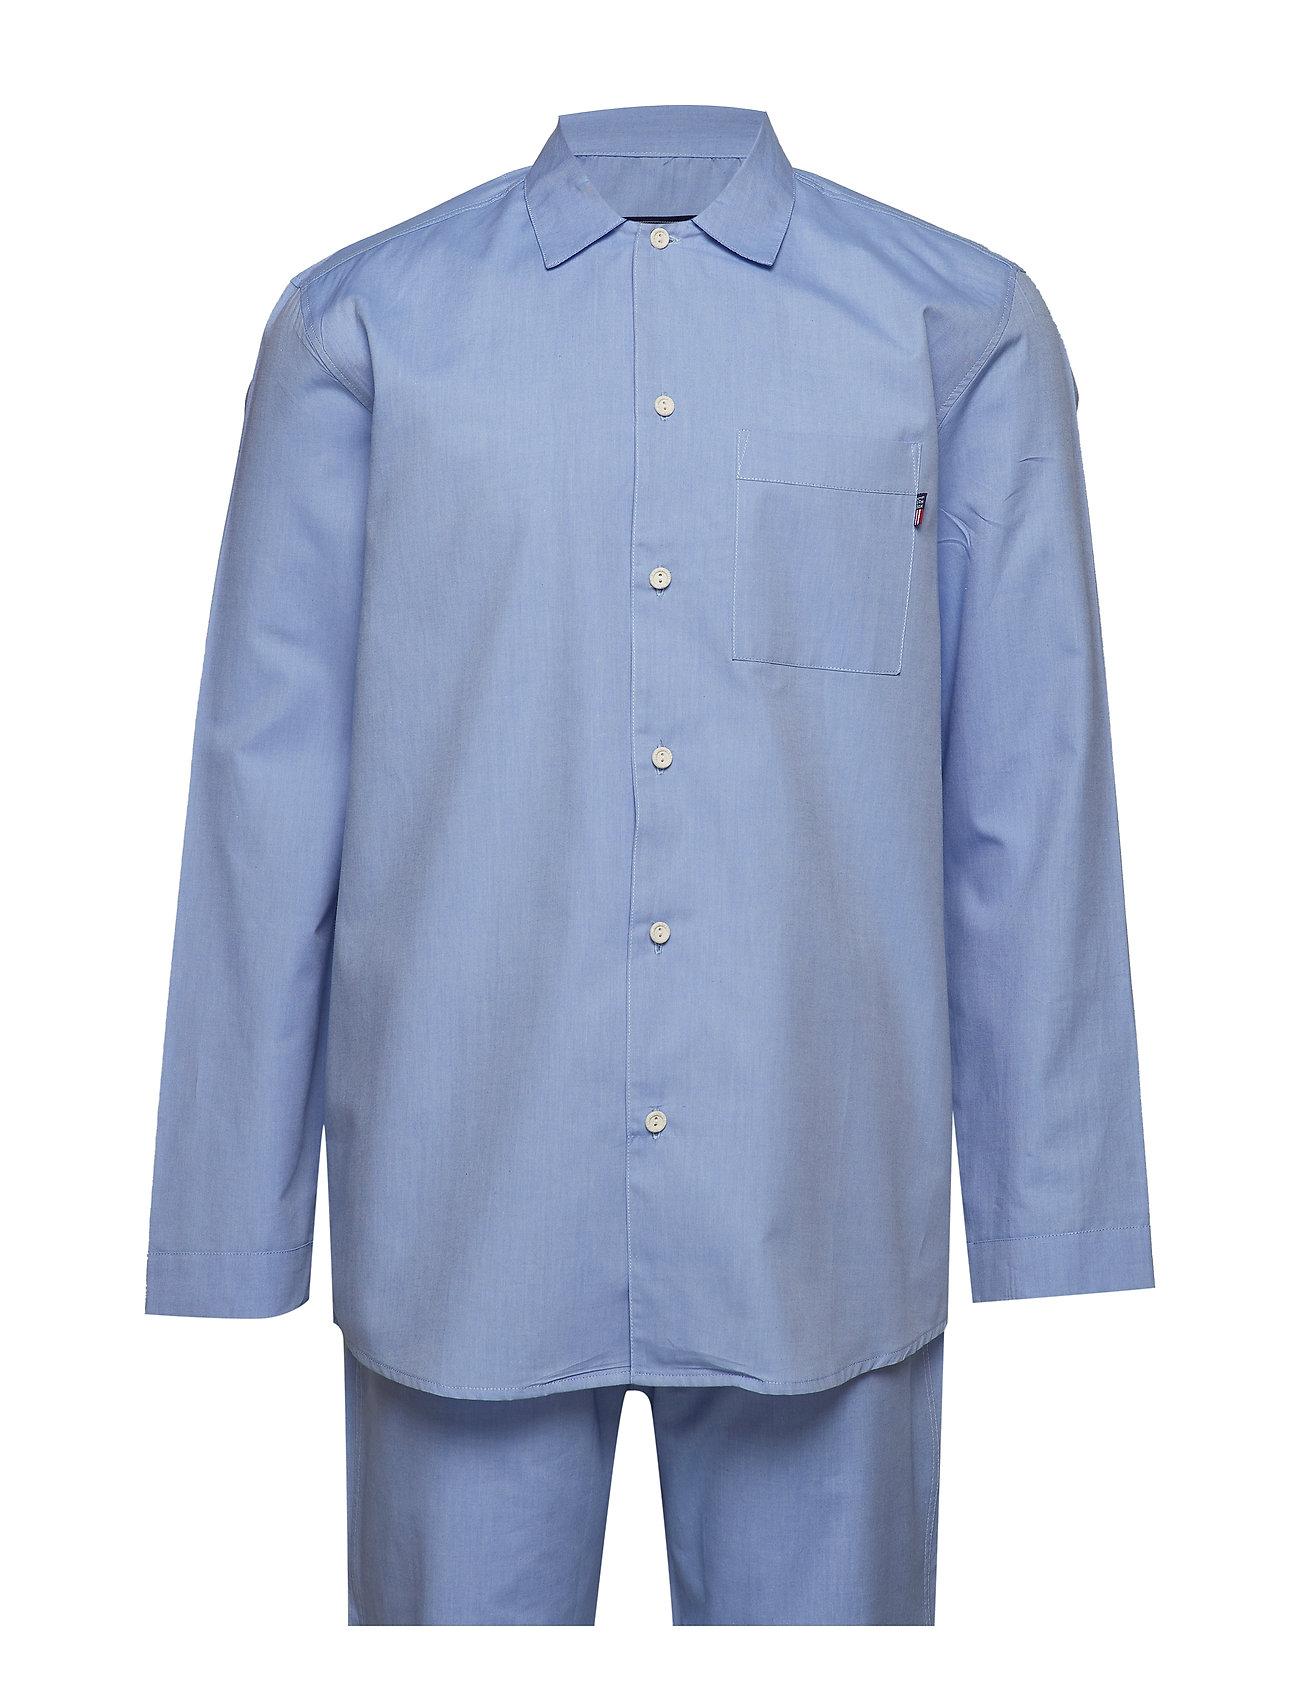 Lexington Home Alexis Unisex Pajama - LT. BLUE